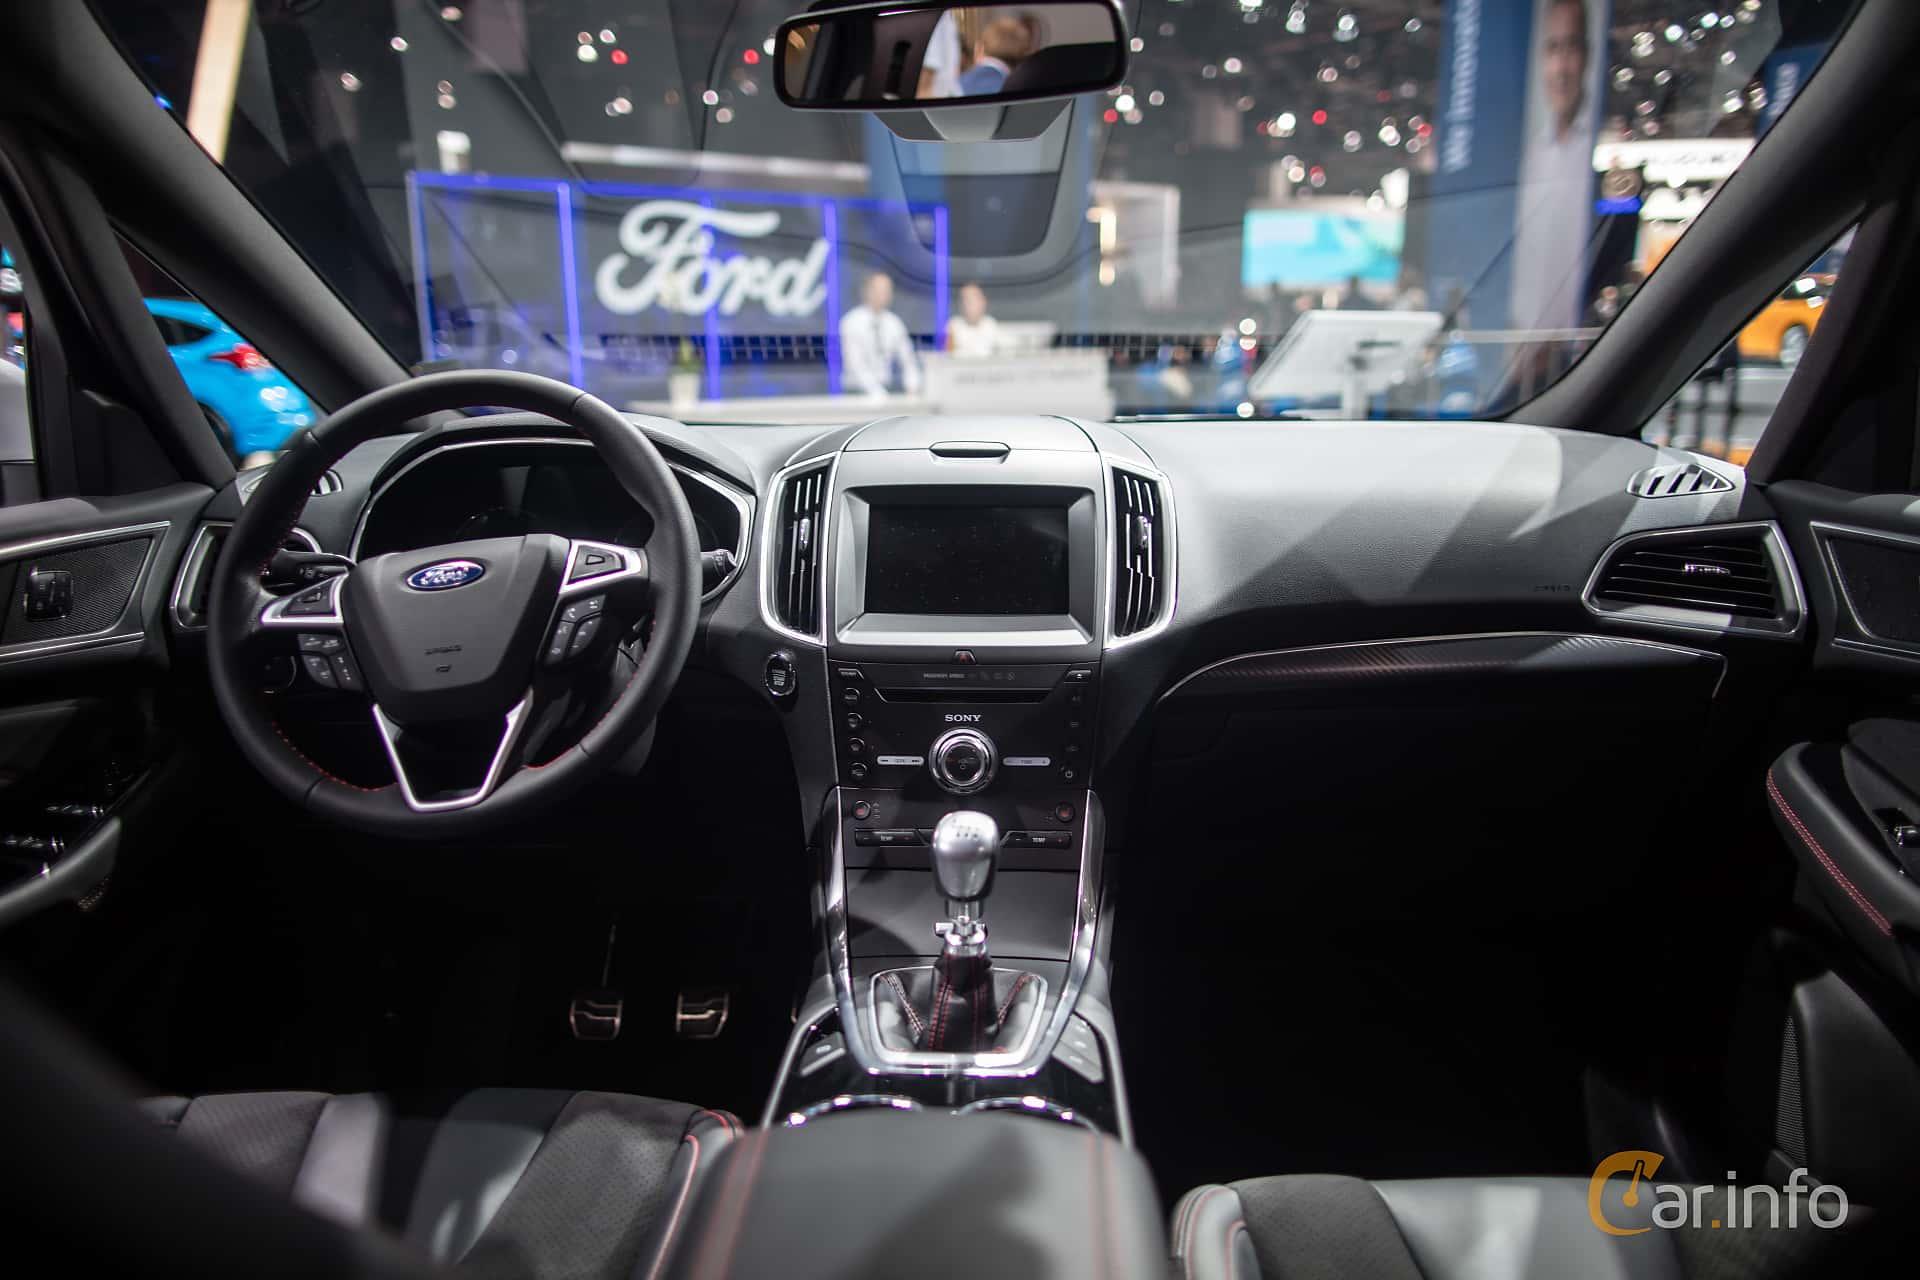 Interior Of Ford S Max 20 TDCi Manual 180ps 2018 At IAA 2017